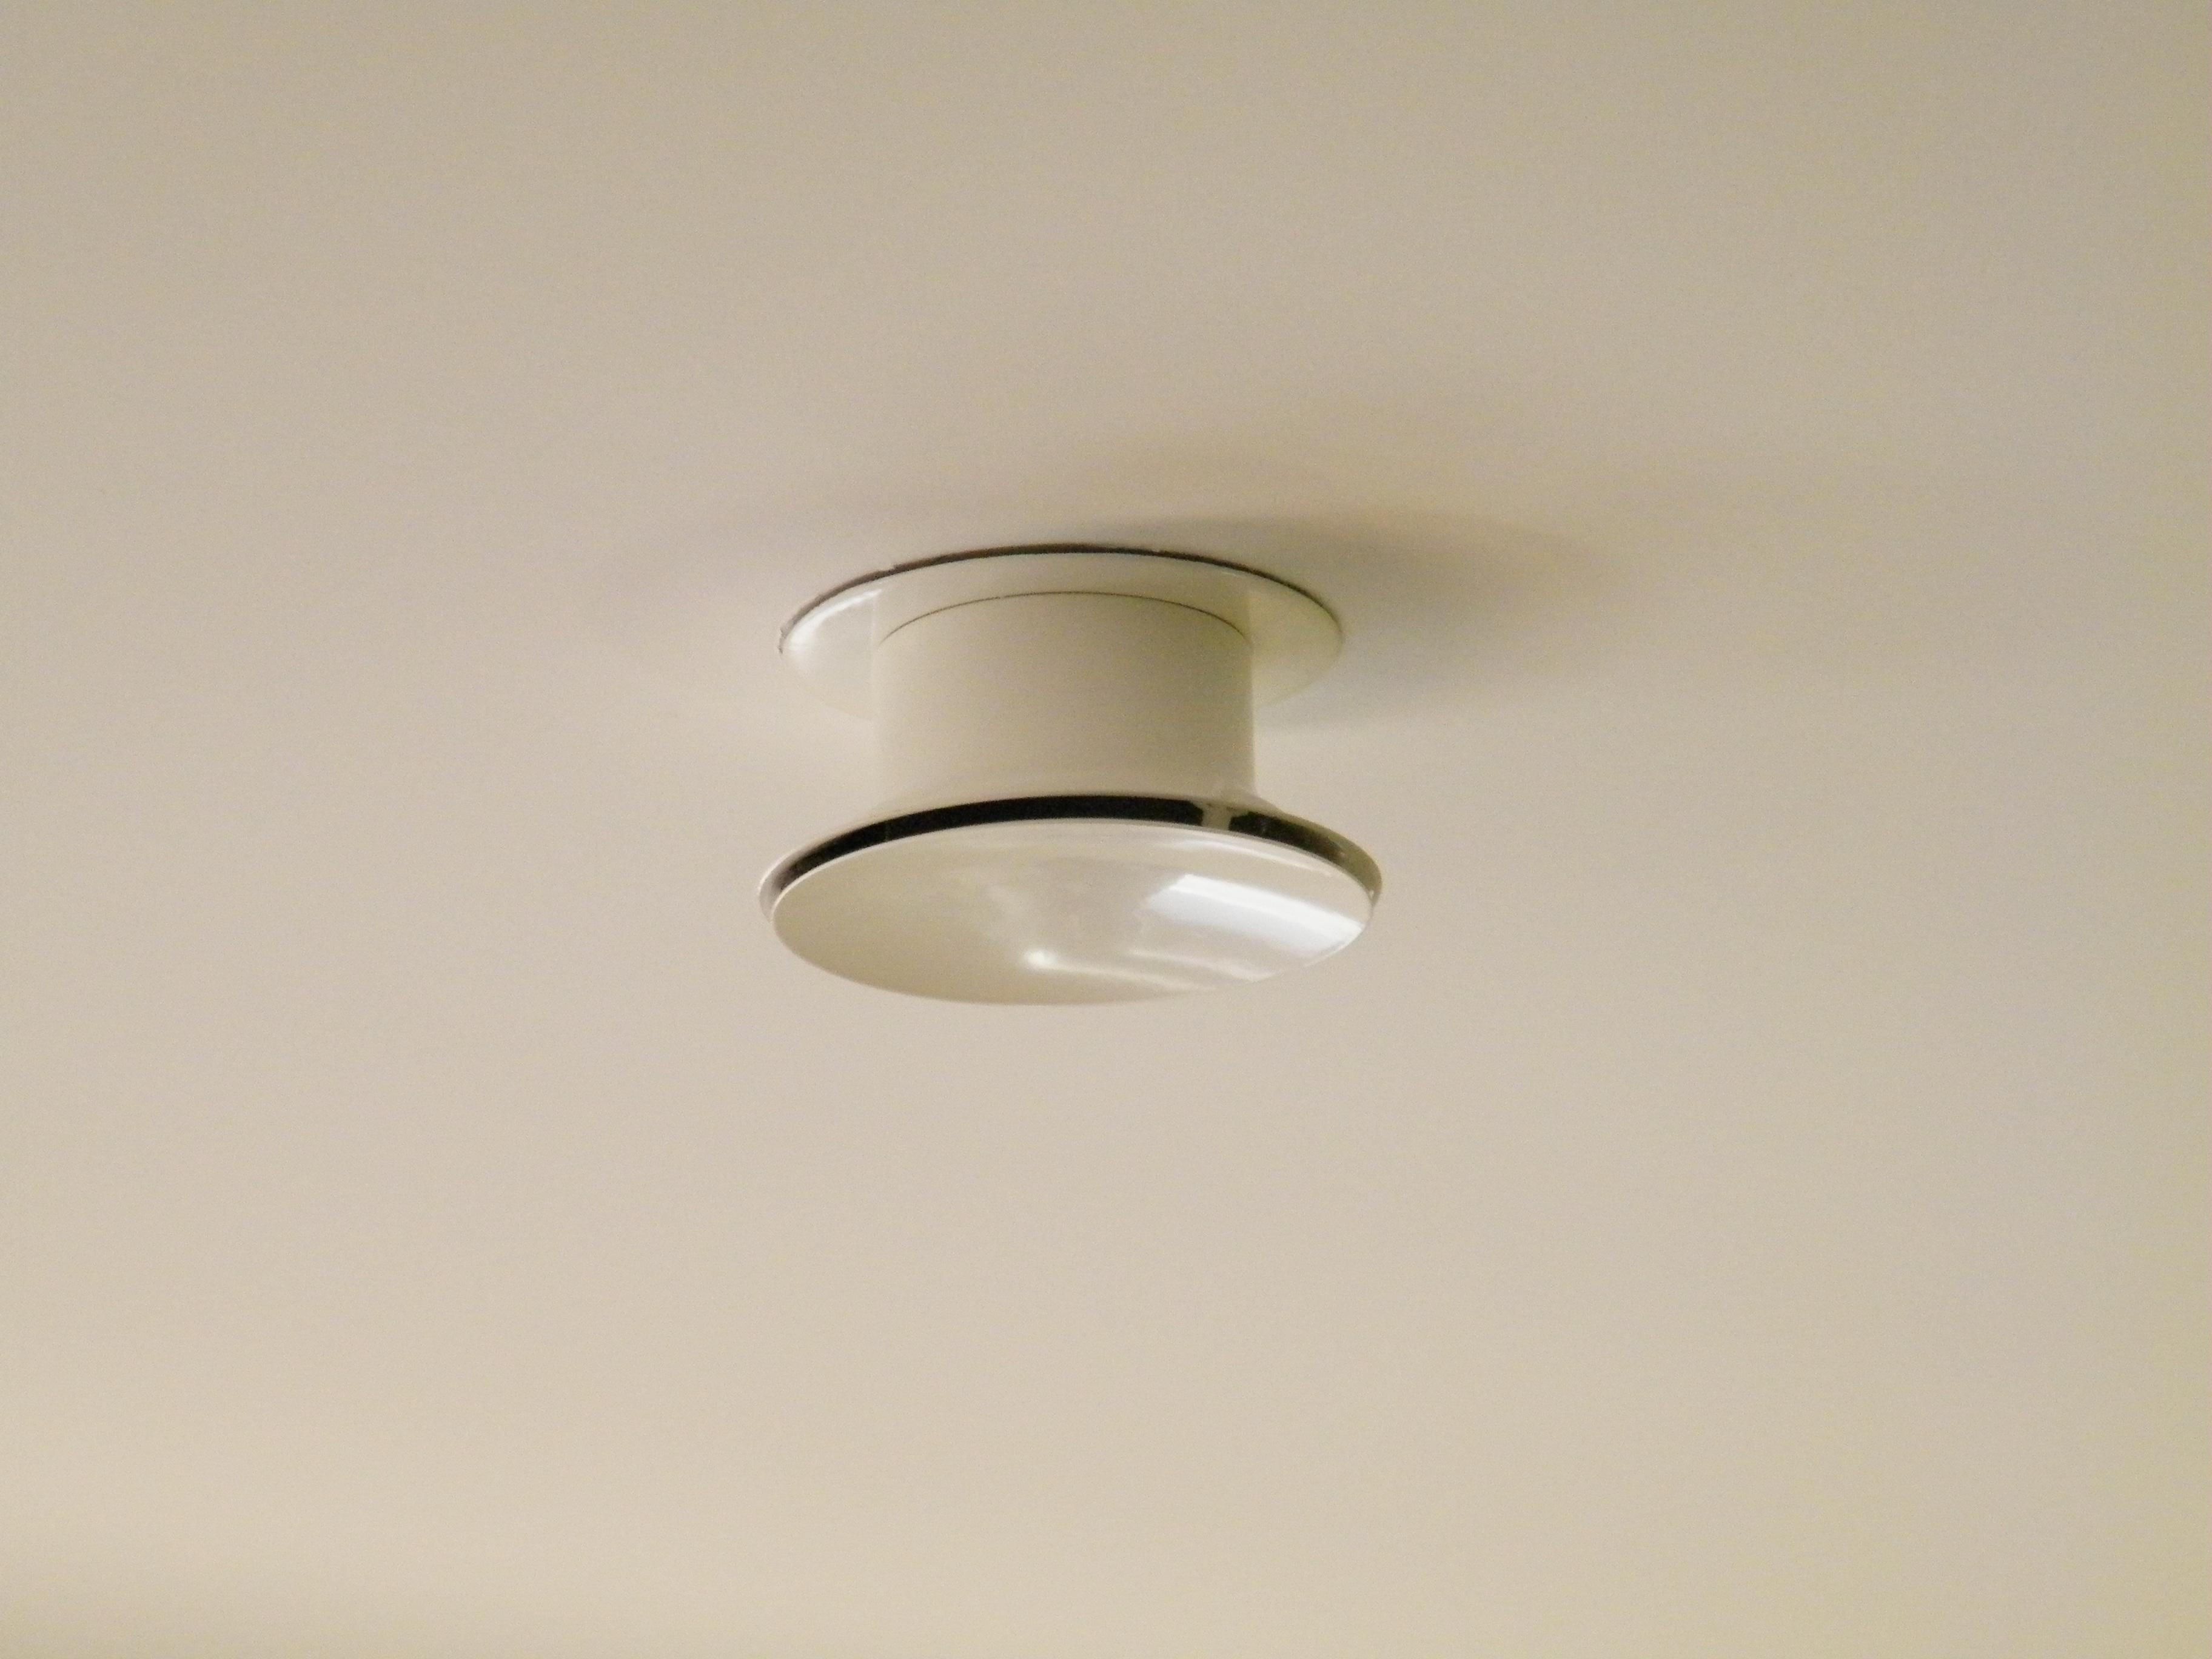 toma de ventilación interior